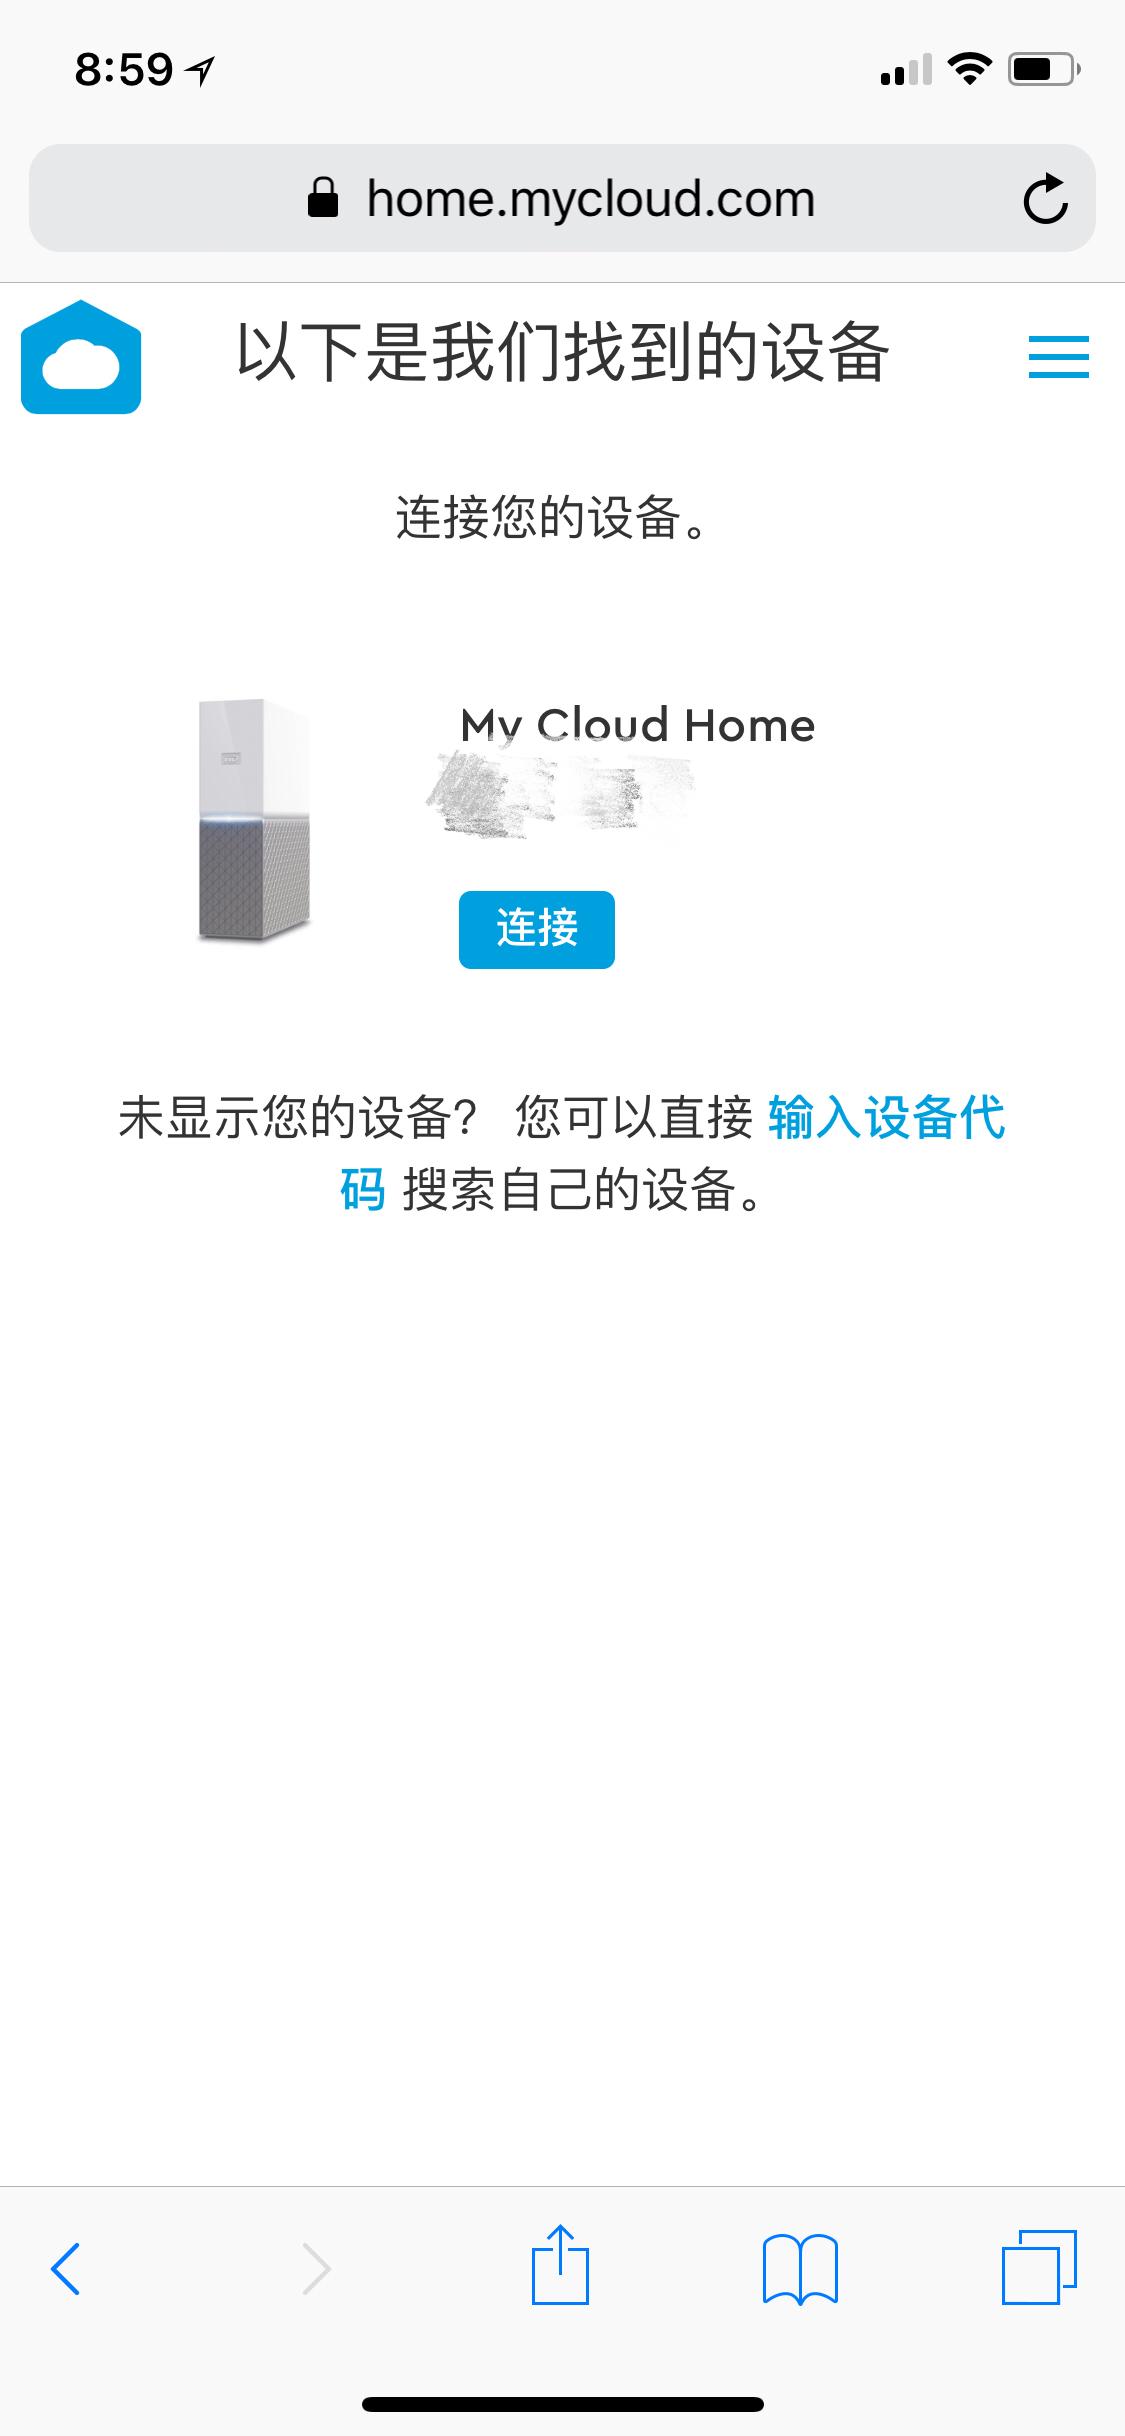 西部数据My Cloud Home个人云评测,将极简进行到底- AcFun弹幕视频网